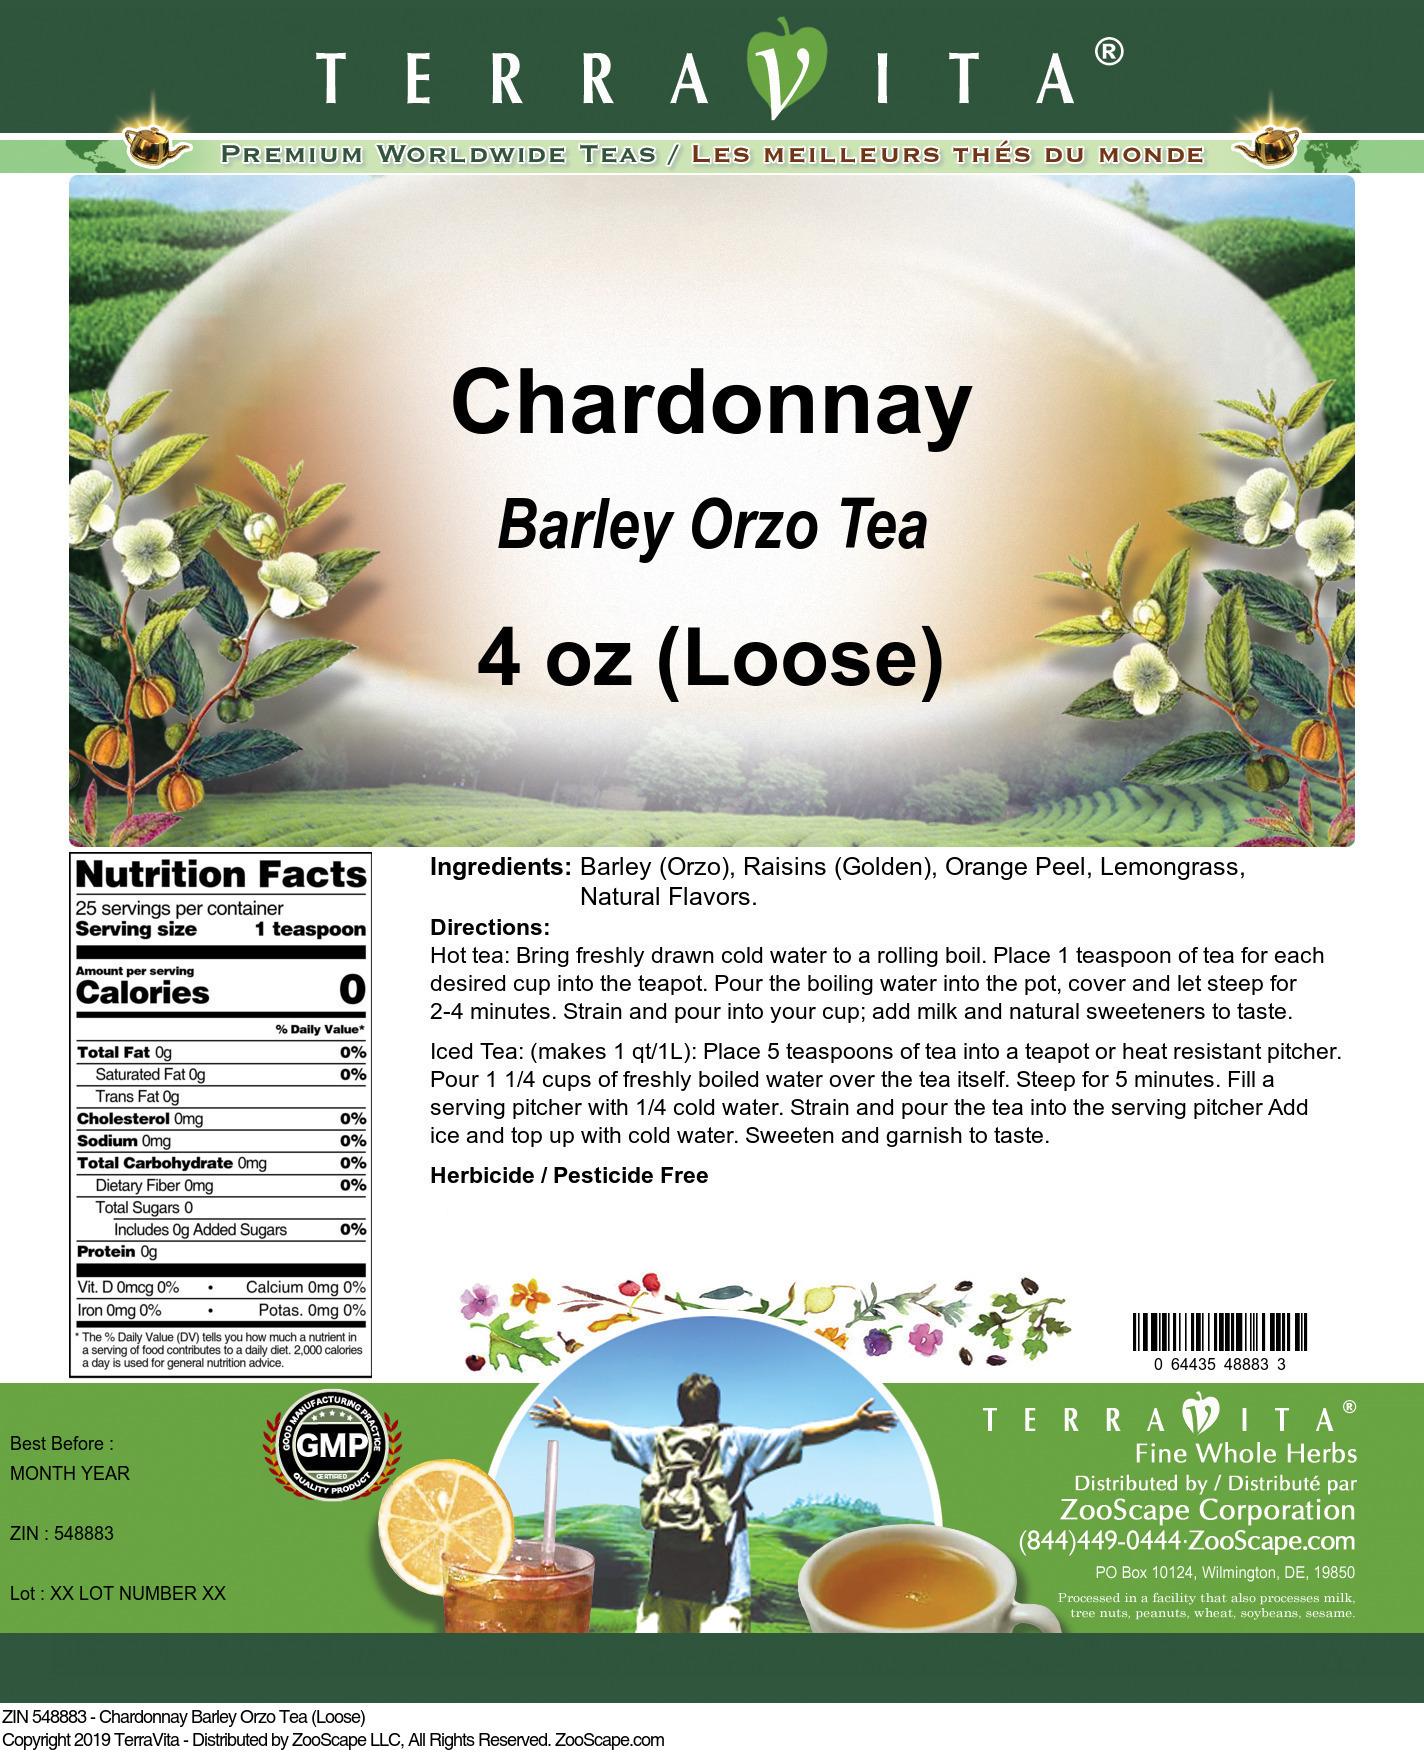 Chardonnay Barley Orzo Tea (Loose)